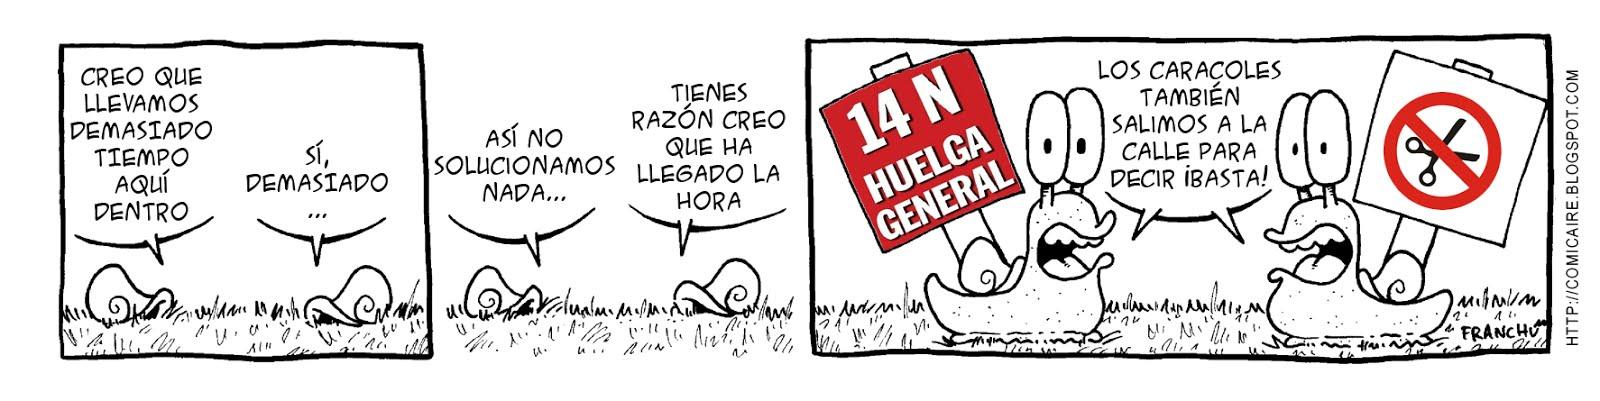 Tira comica 142 del webcomic Cargols del dibujante Franchu de Barcelona